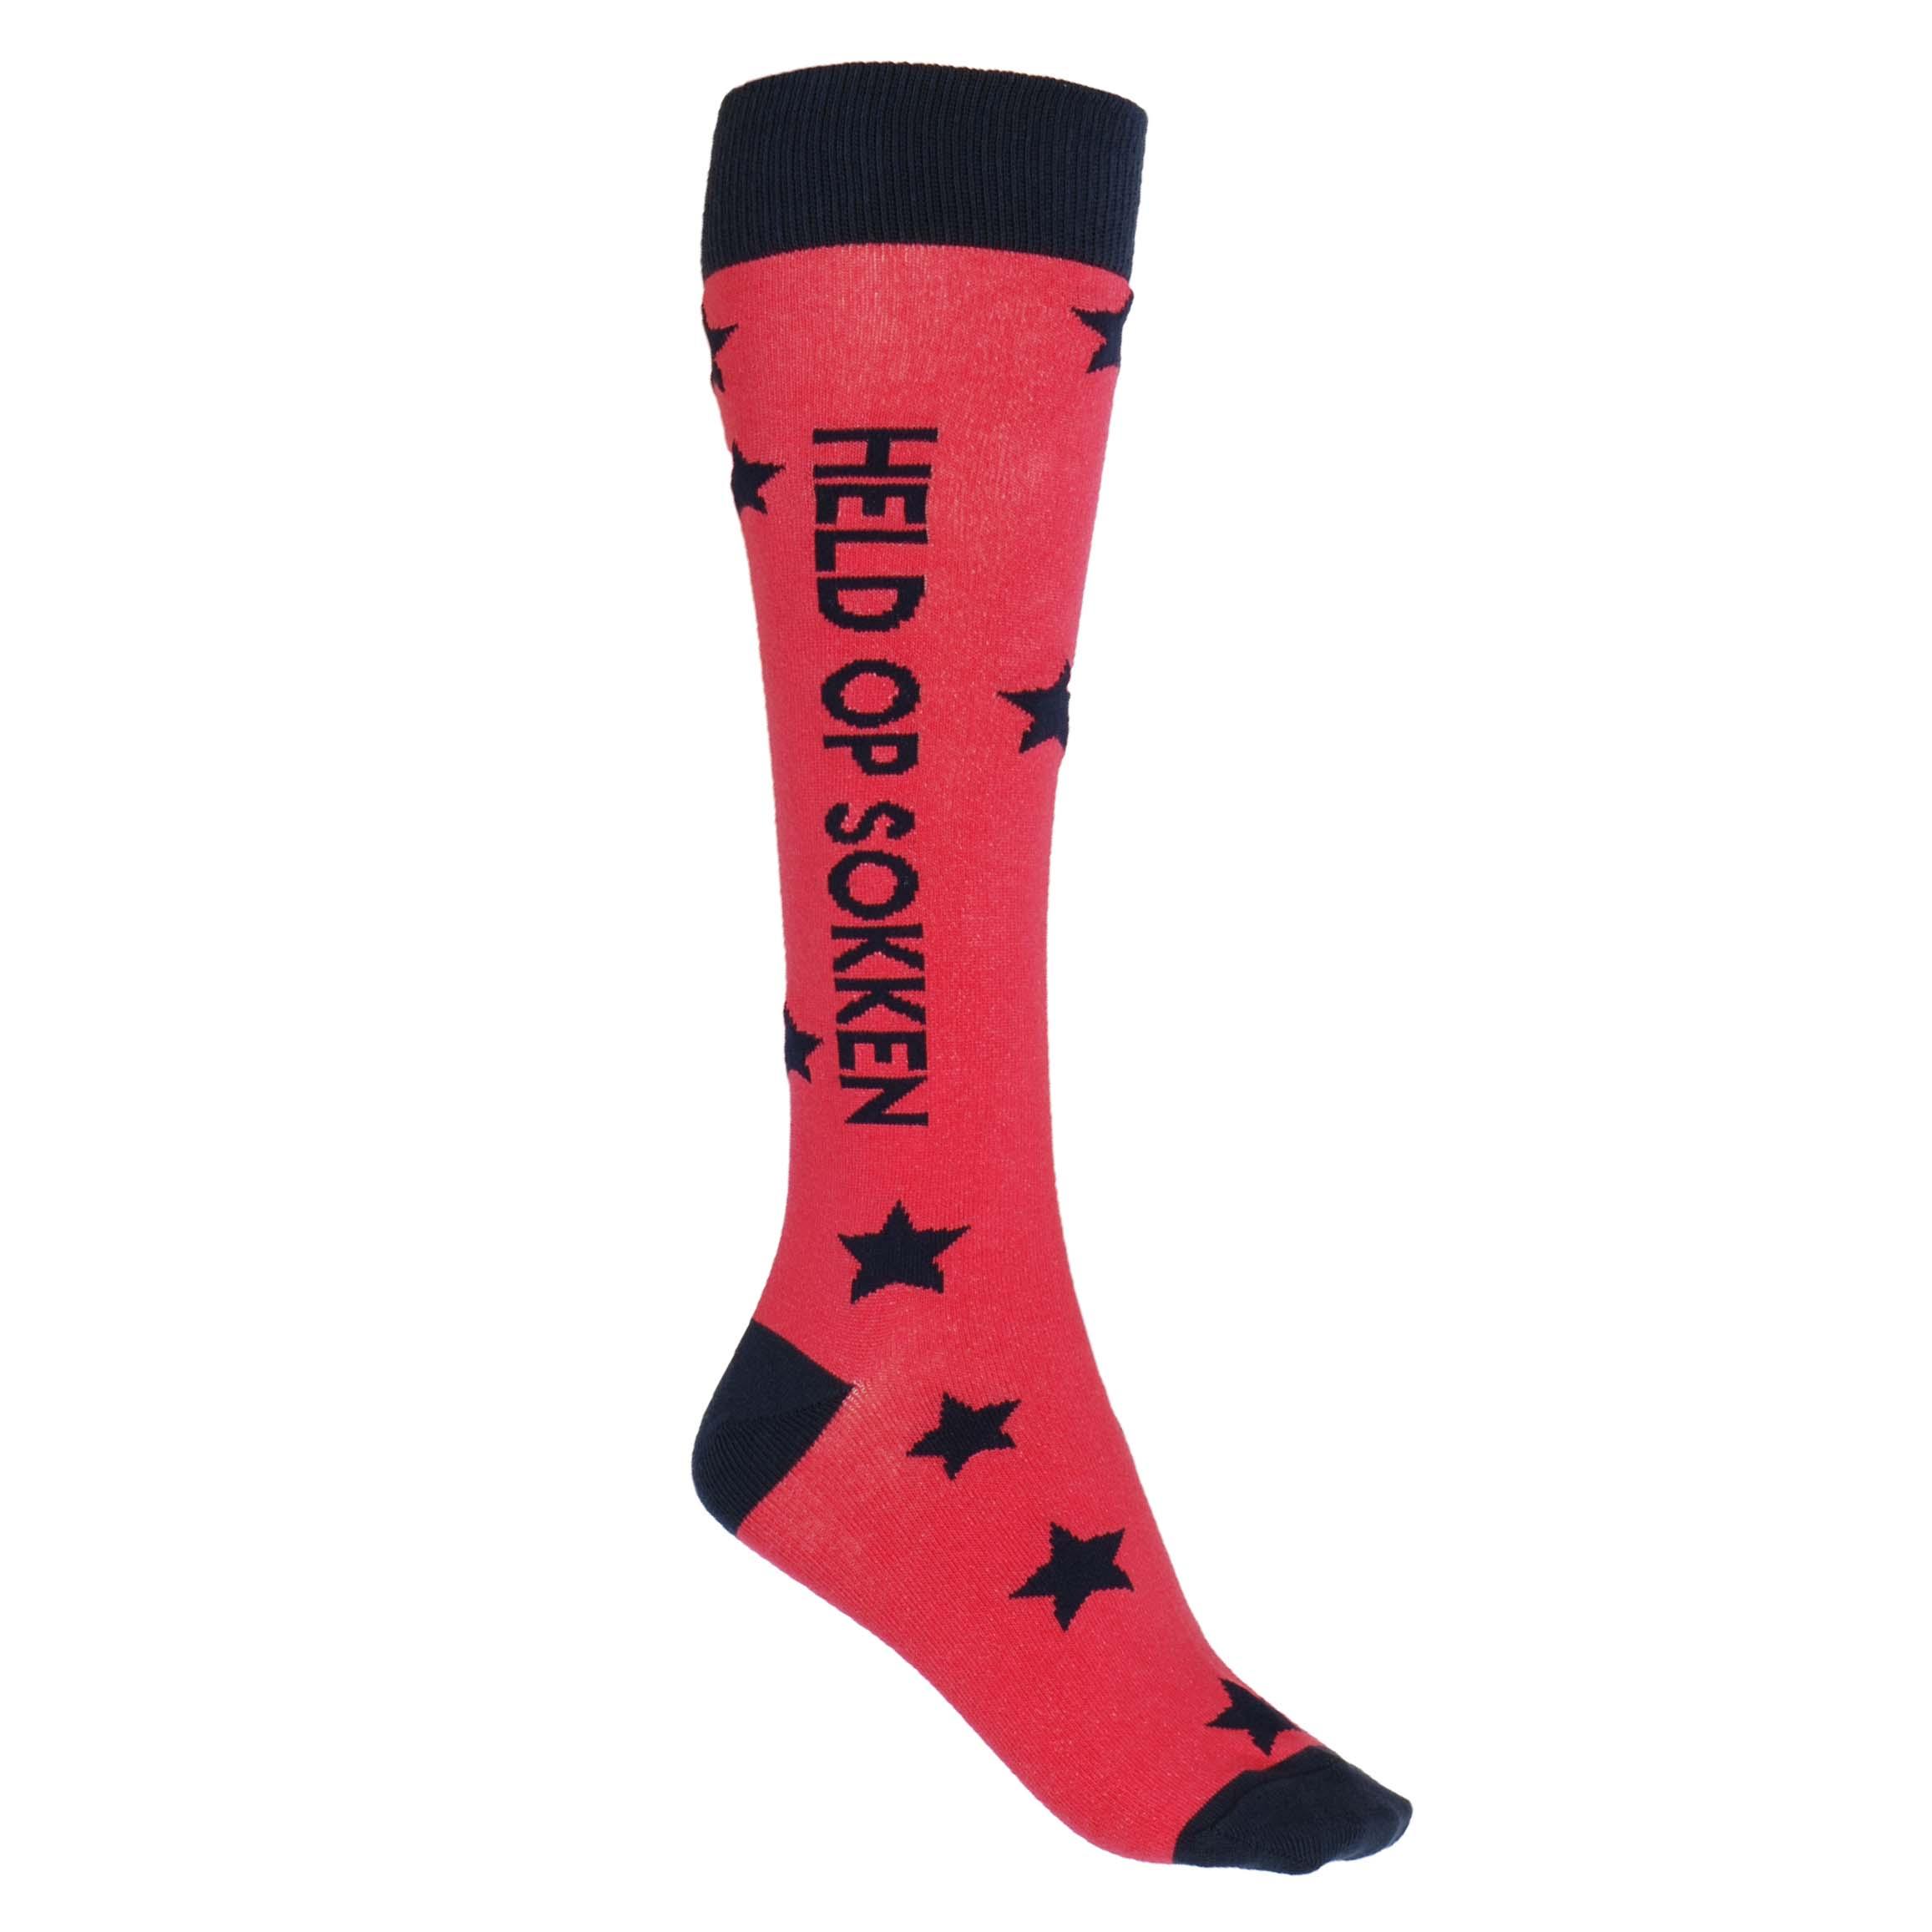 Mondoni Held op sokken kniekousen roze maat:27-30